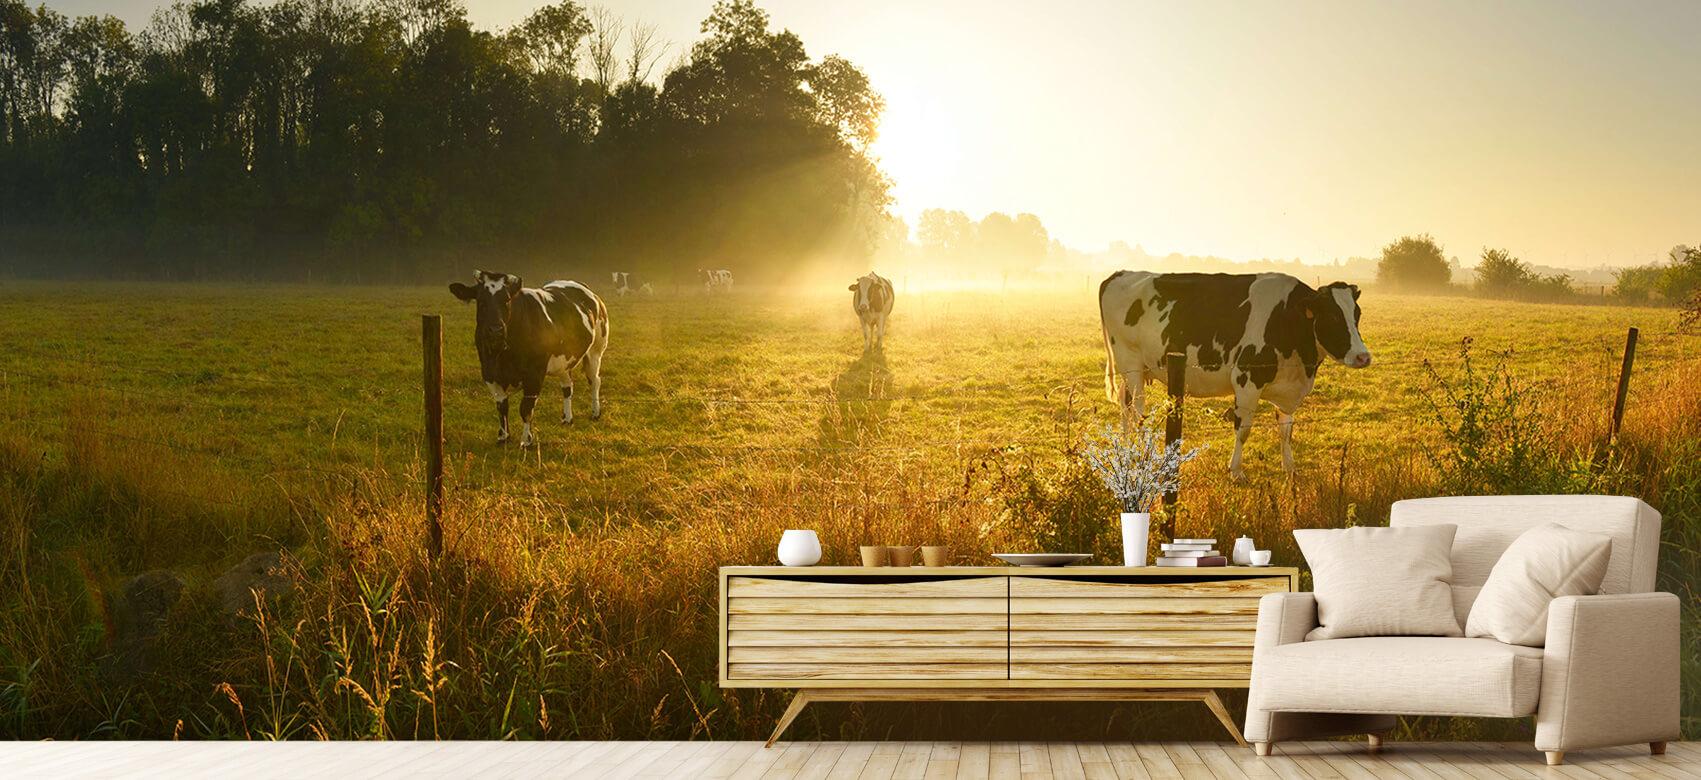 Dieren Koe tijdens zonsopkomst 6